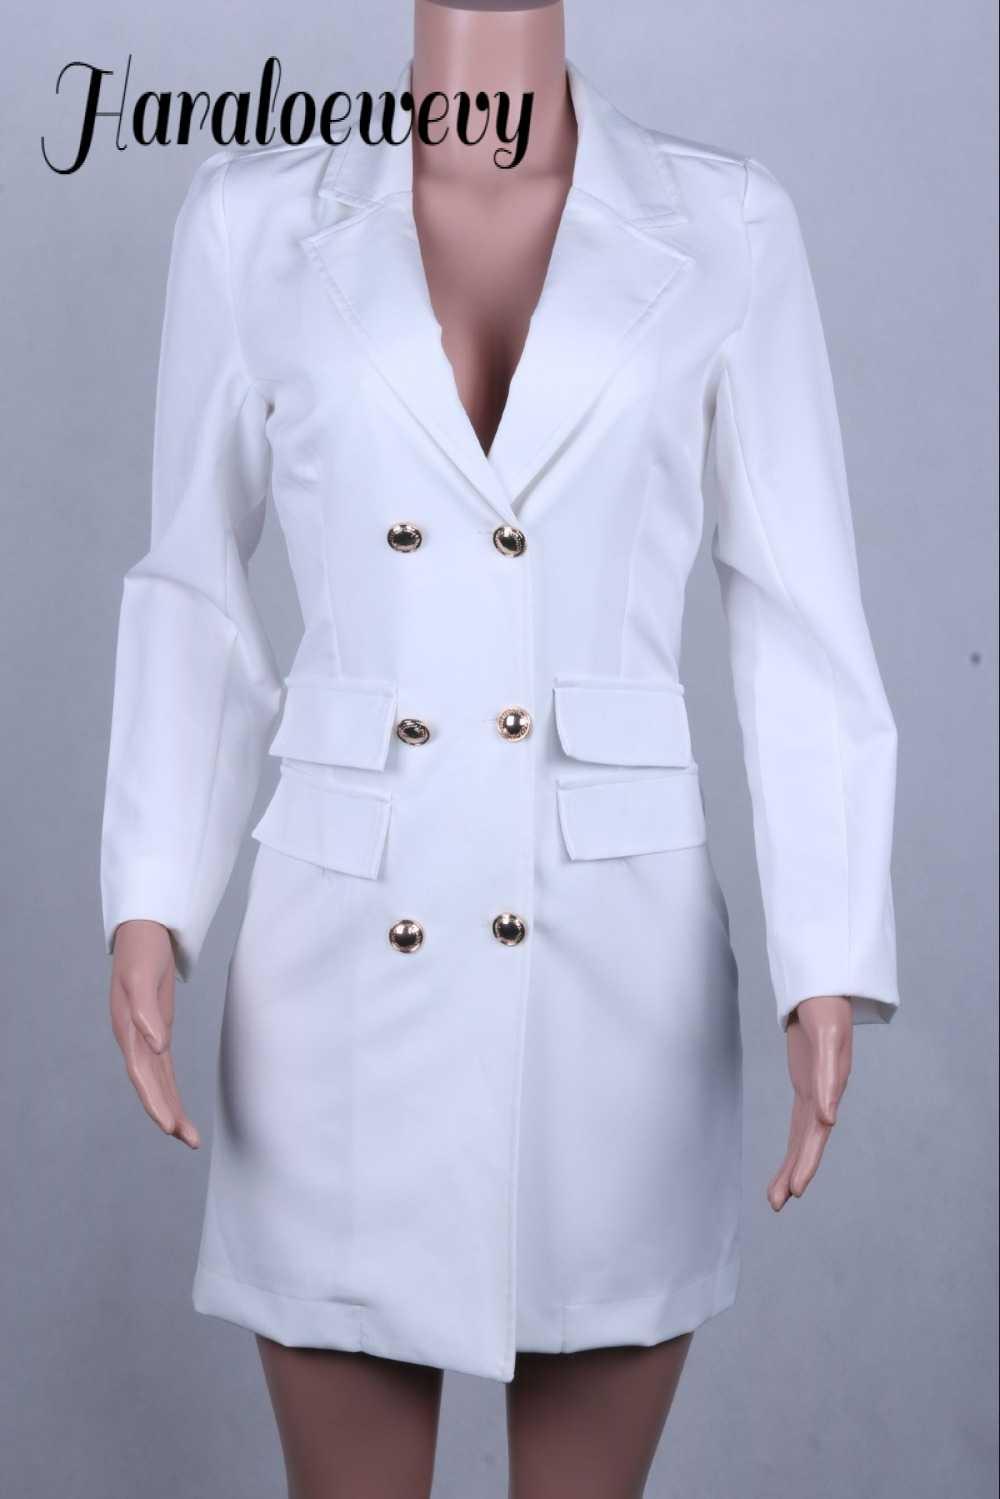 新ファッションドレスドレス女性ブラックホワイト V ネックボタンブレザースーツセクシーな冬のパーティーミニボディサイズドレスドレス